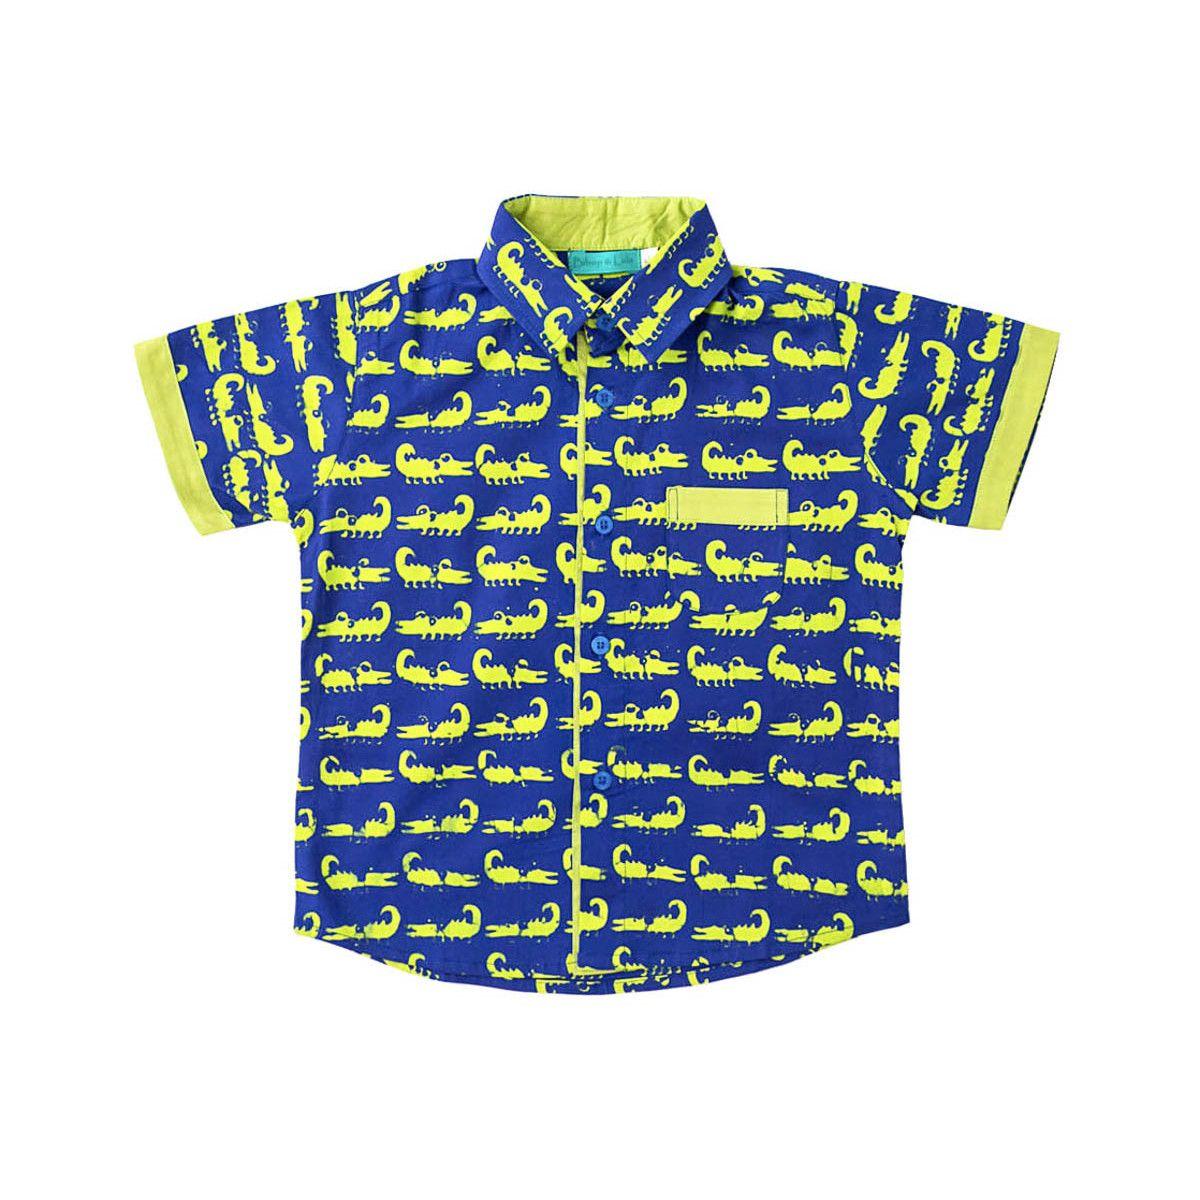 Chemise coton manches courtes garçon 2-10 ans bleu et vert crocodiles